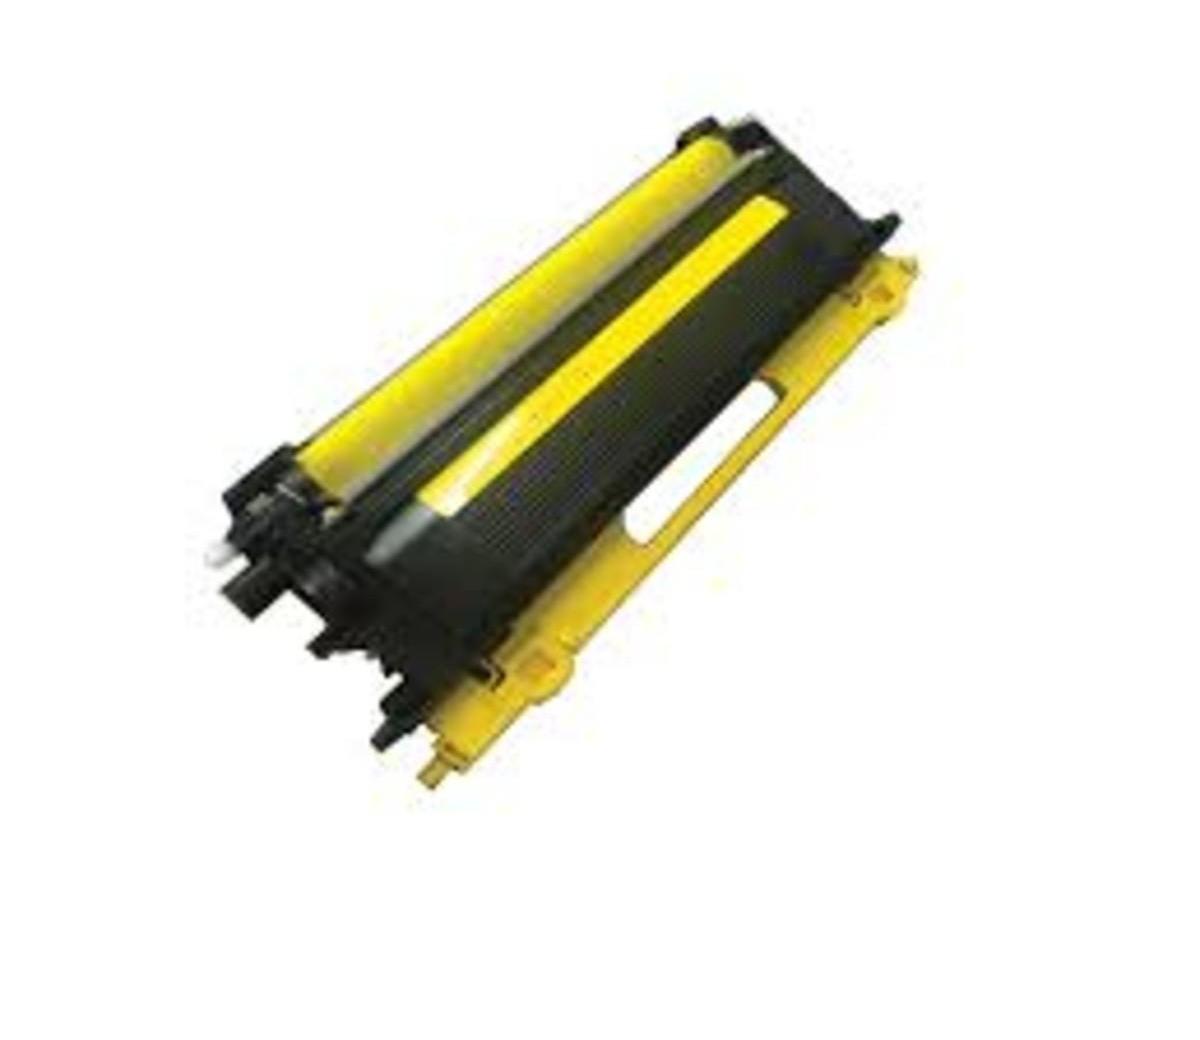 TONER TN 115 YELLOW COMPATÍVEL PREMIUM -  Rendimento de até 4.000  impressões para uso em DCP-9040CN 9040, HL-4070CDW 4070, MFC-9440CN 9440, DCP9045CN DCP-9045CN 9045, HL4040CDN HL-4040CDN,